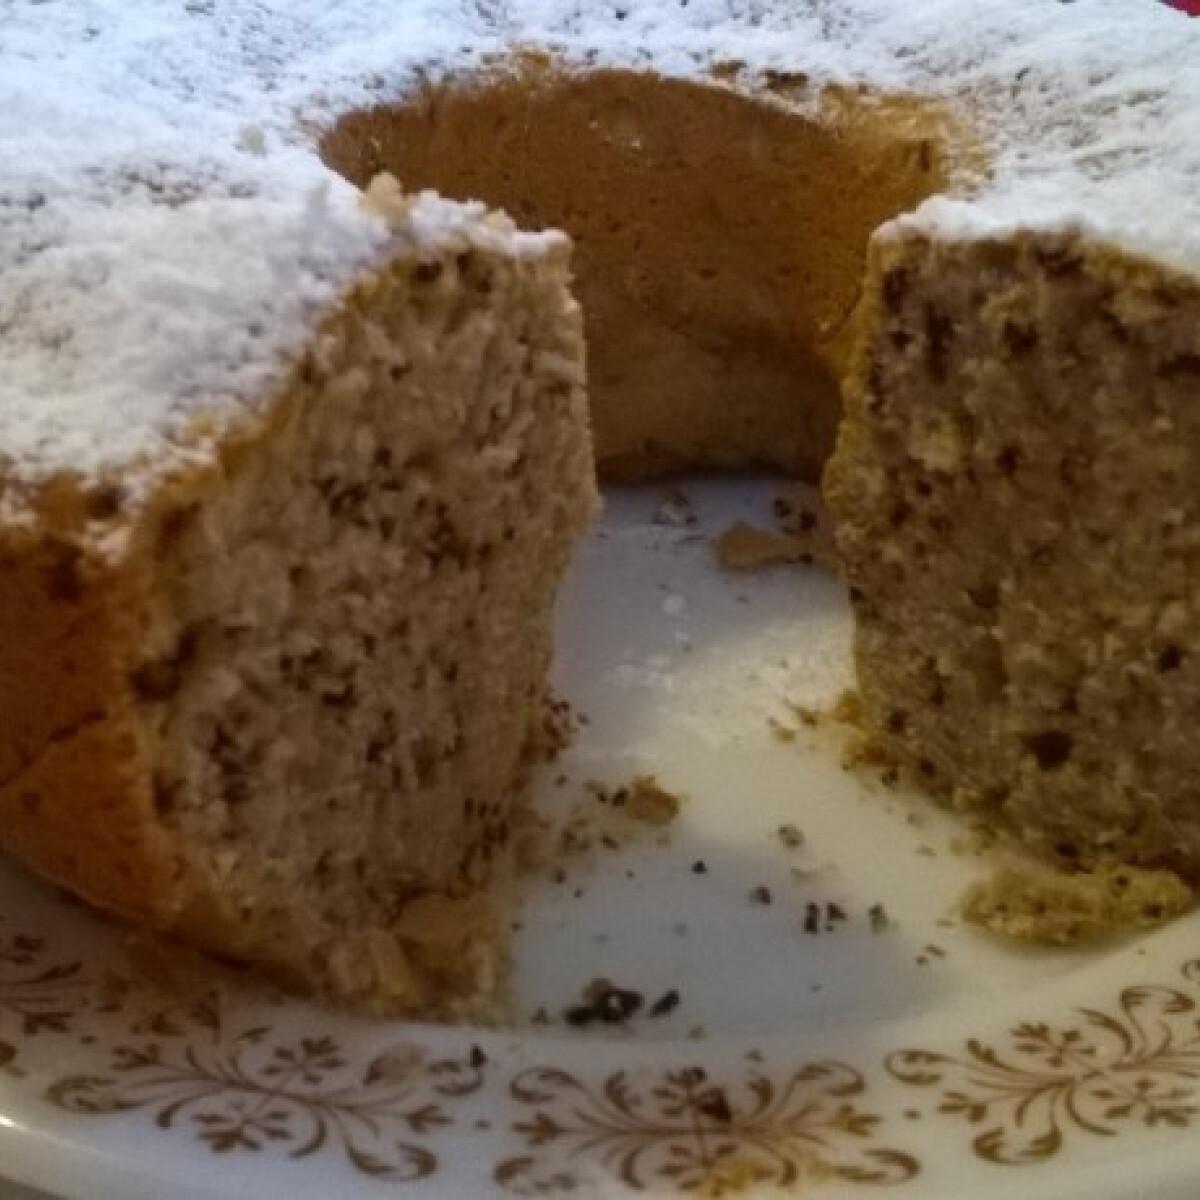 Ezen a képen: Vörösboros sütemény Emőkétől